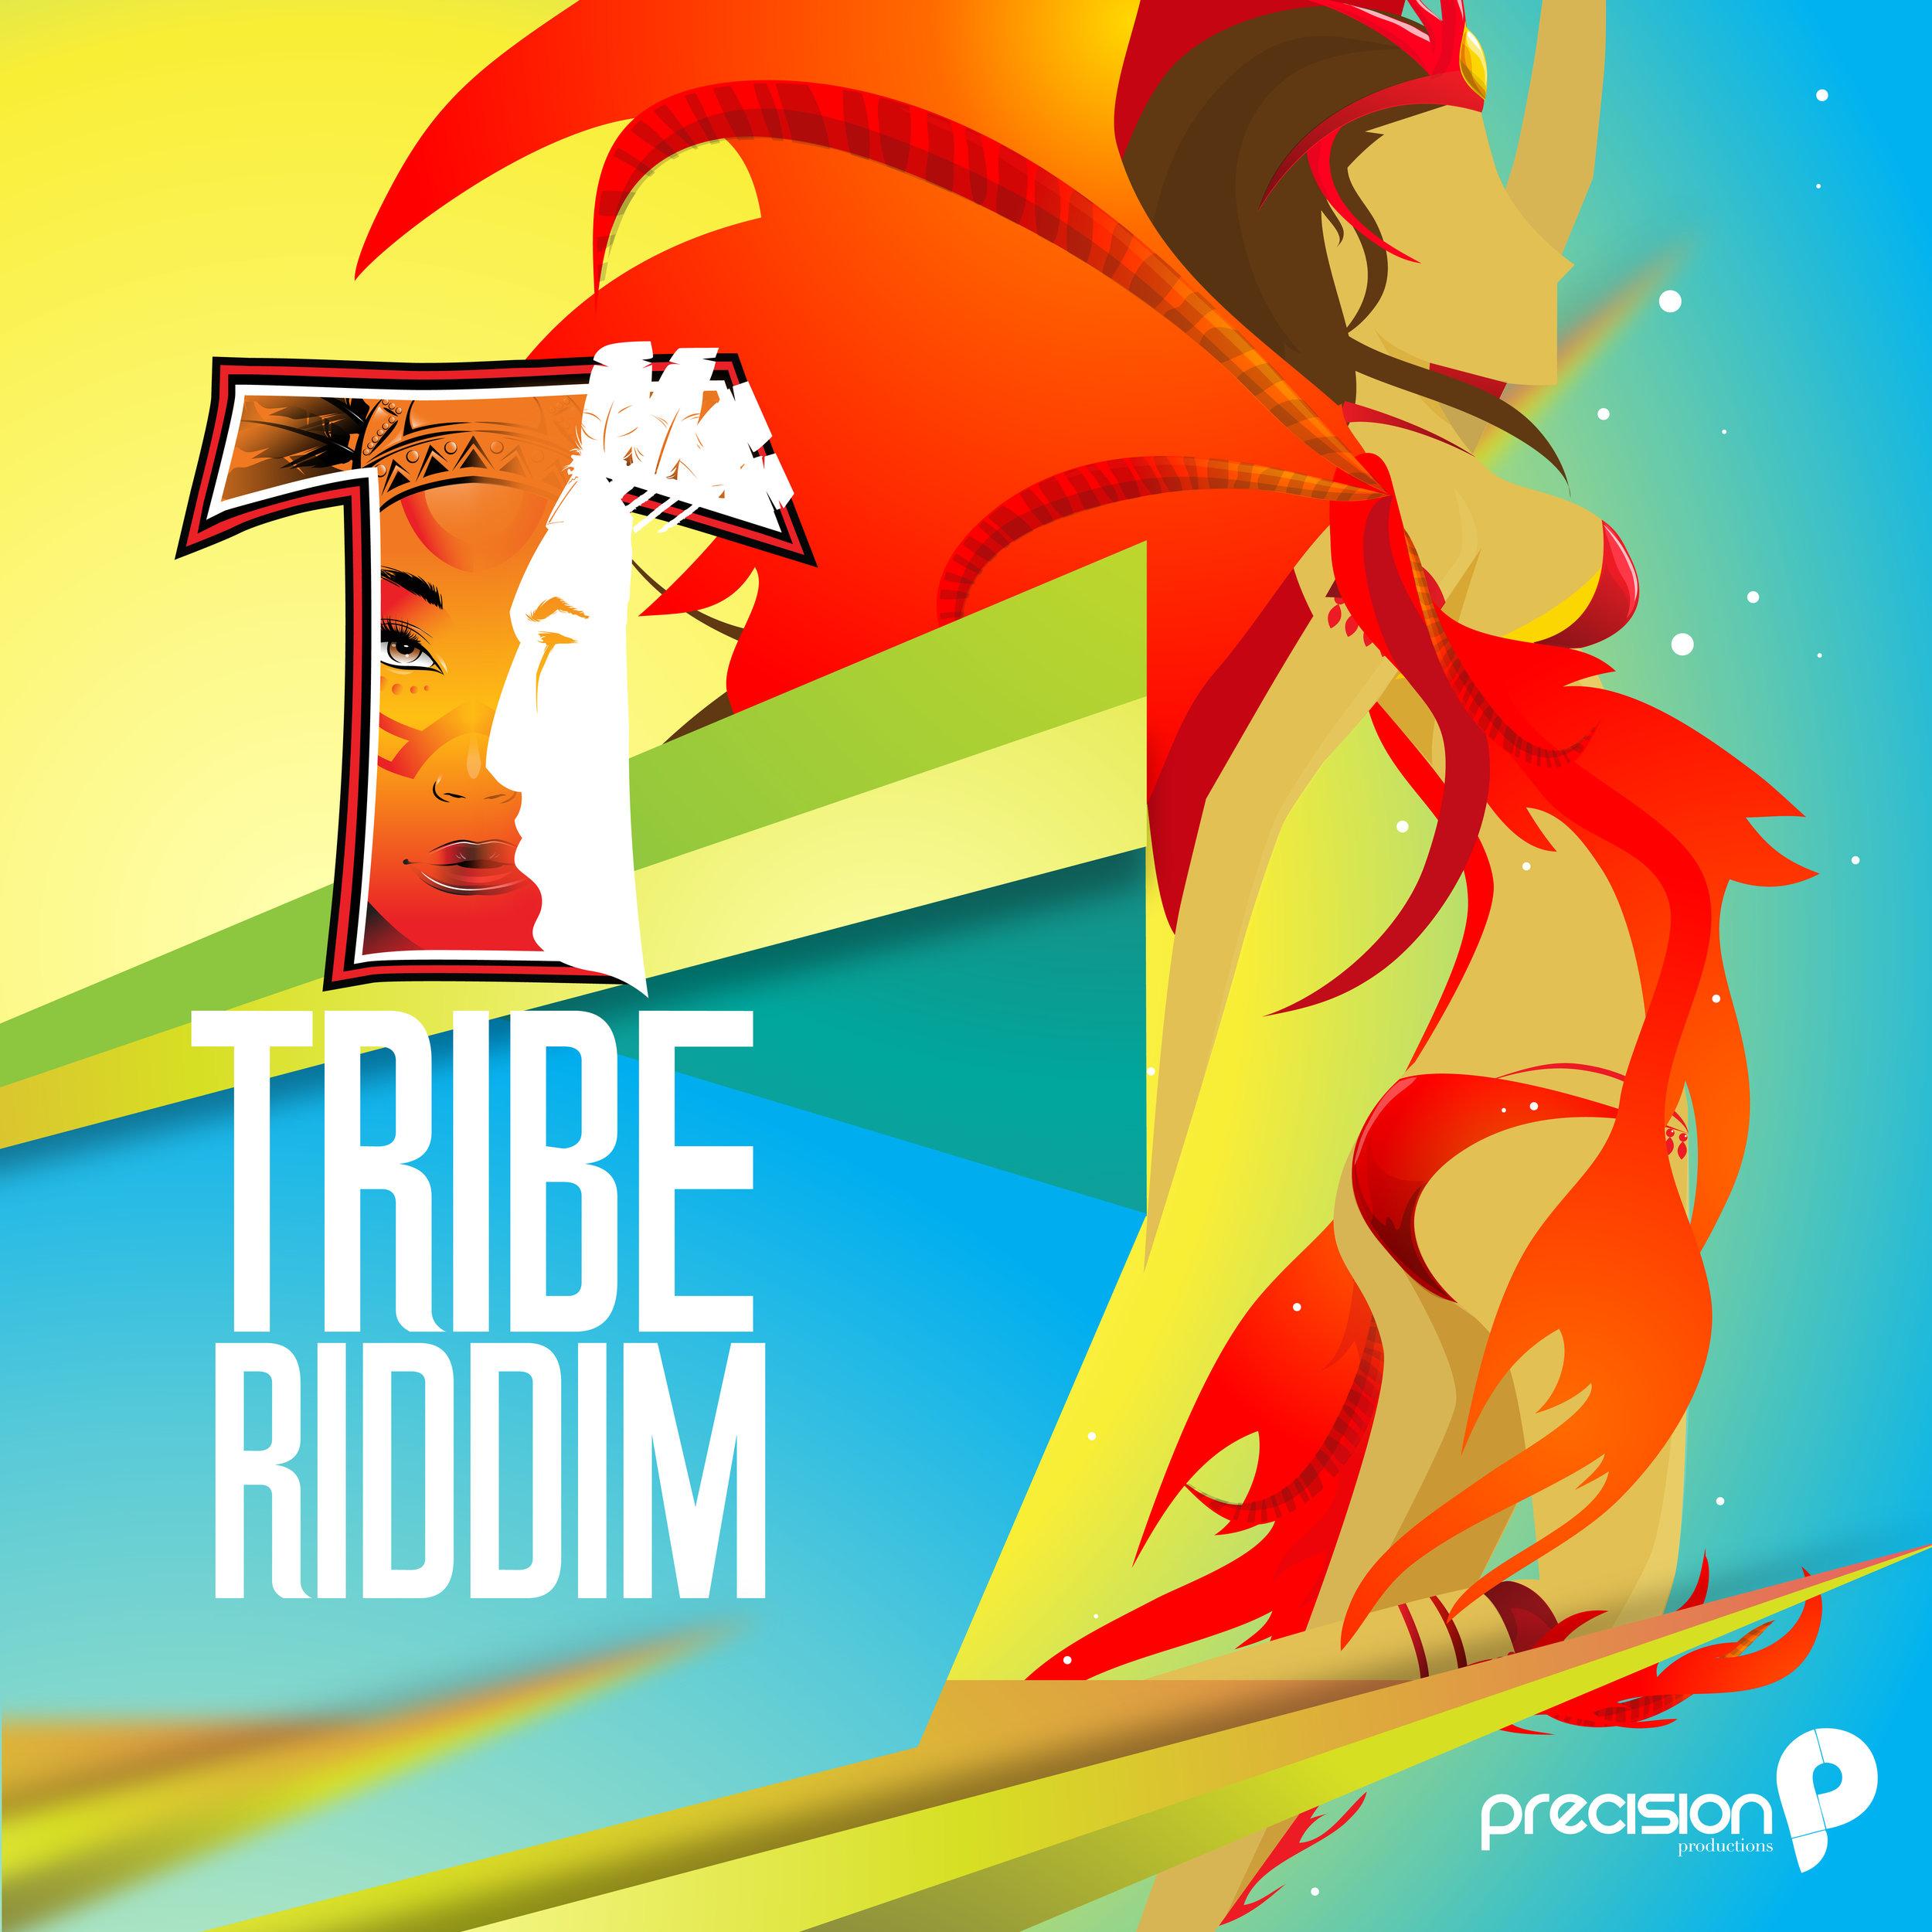 Tribe Riddim